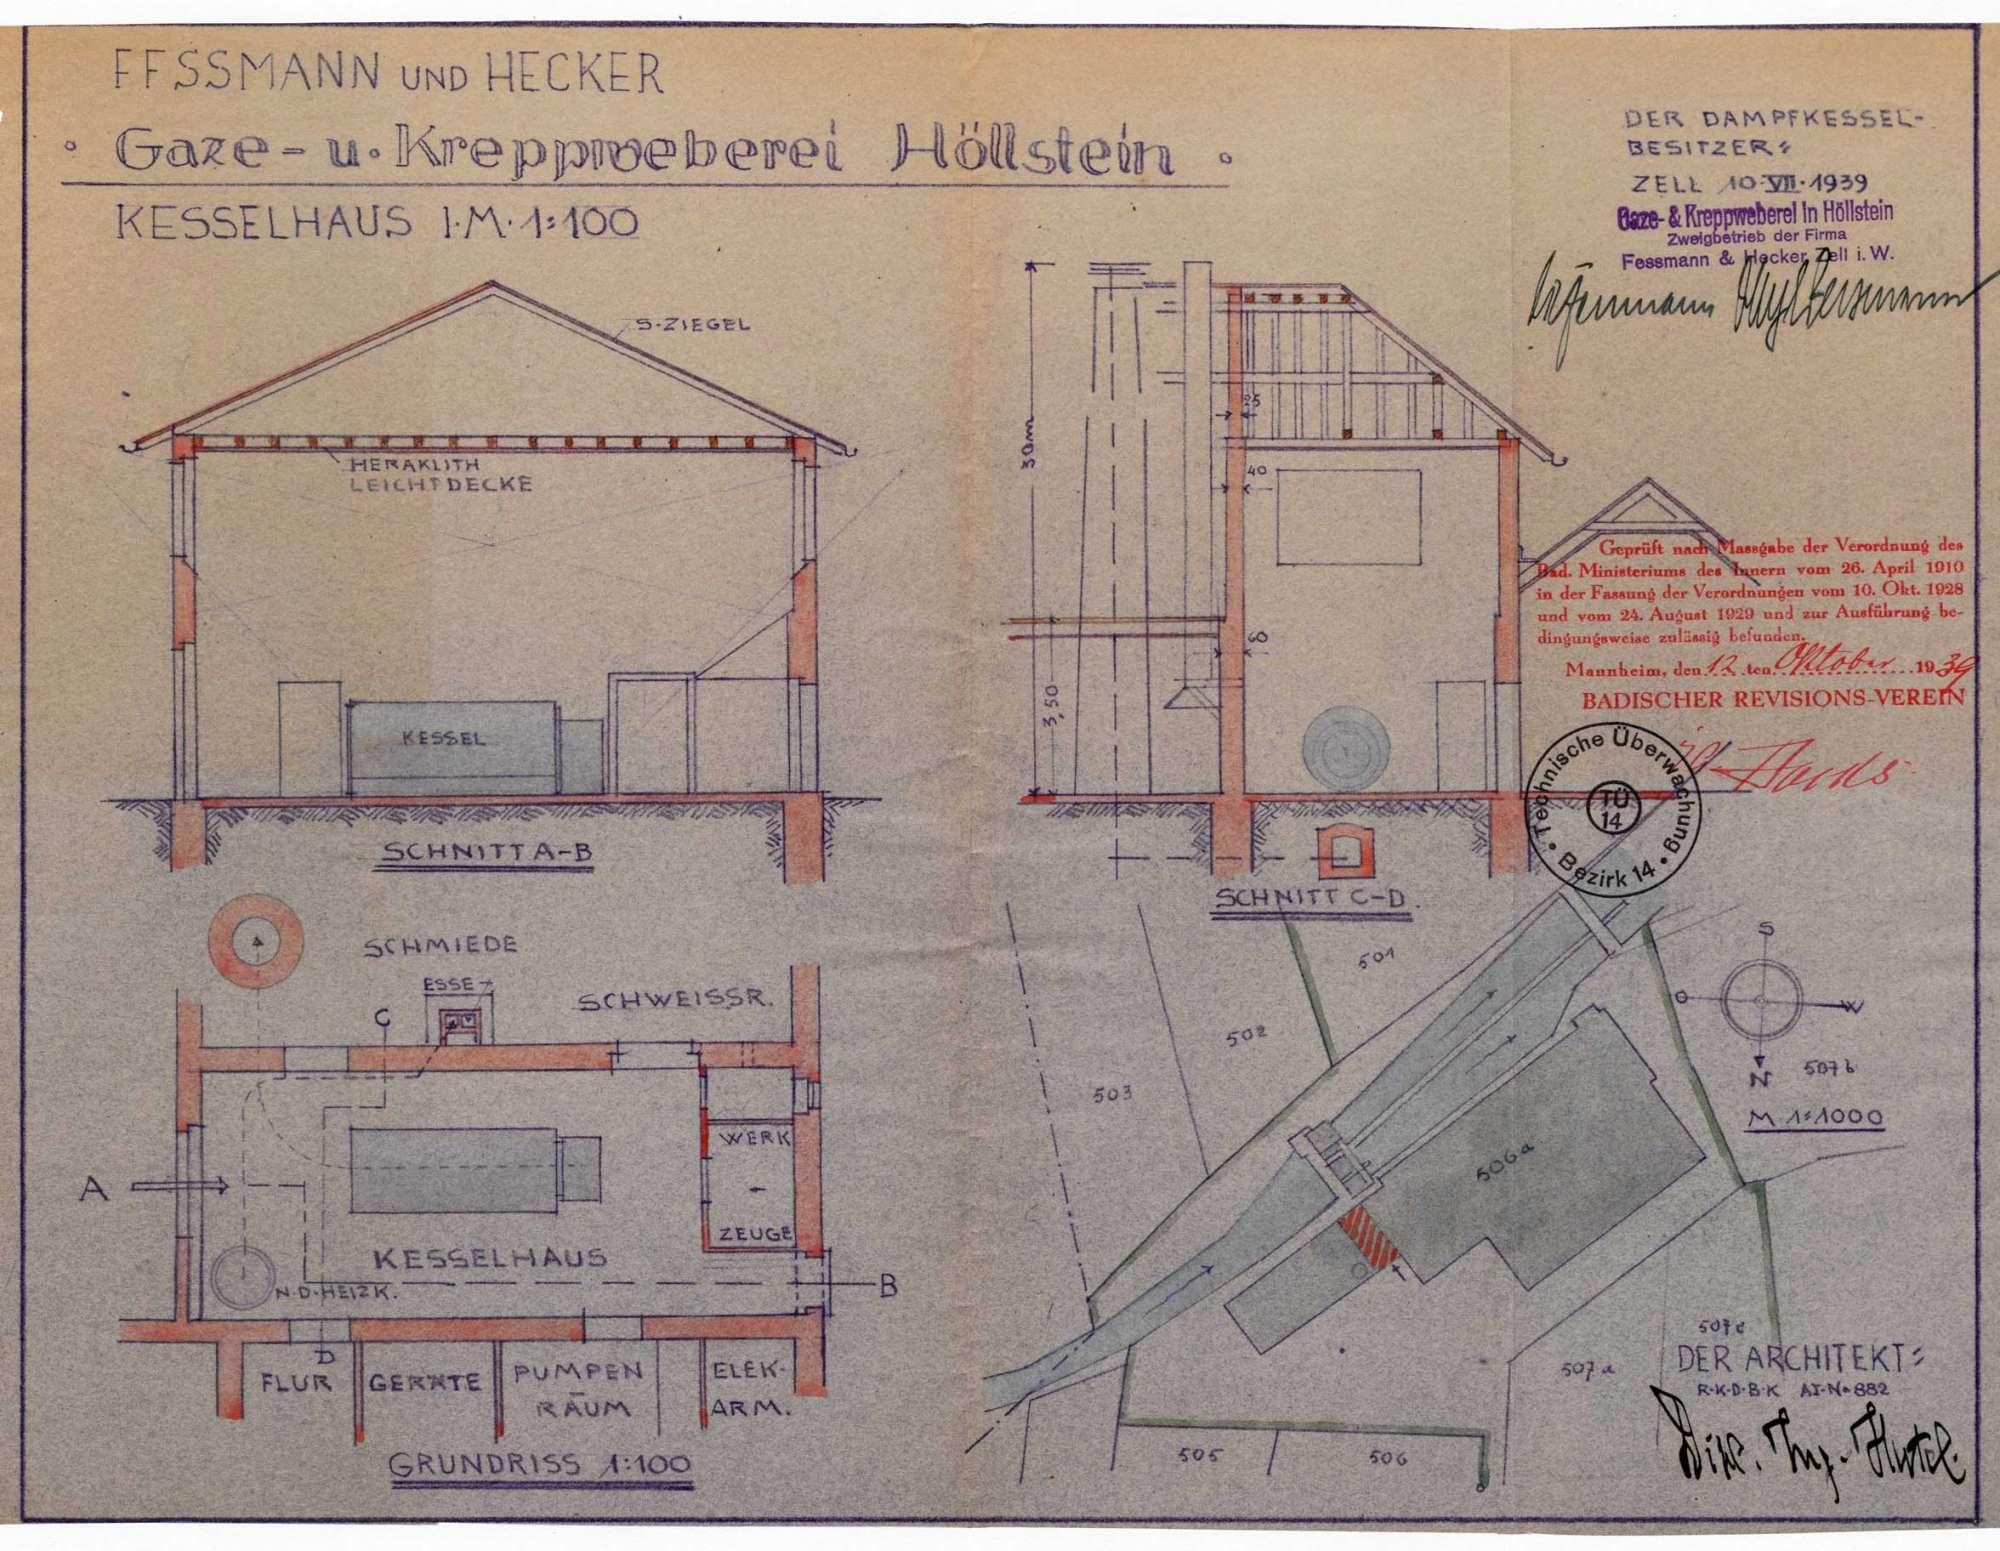 Zulassung eines Niederdruckdampfkessels in der Fa. Gaze- und Kreppweberei in Höllstein, Bild 2